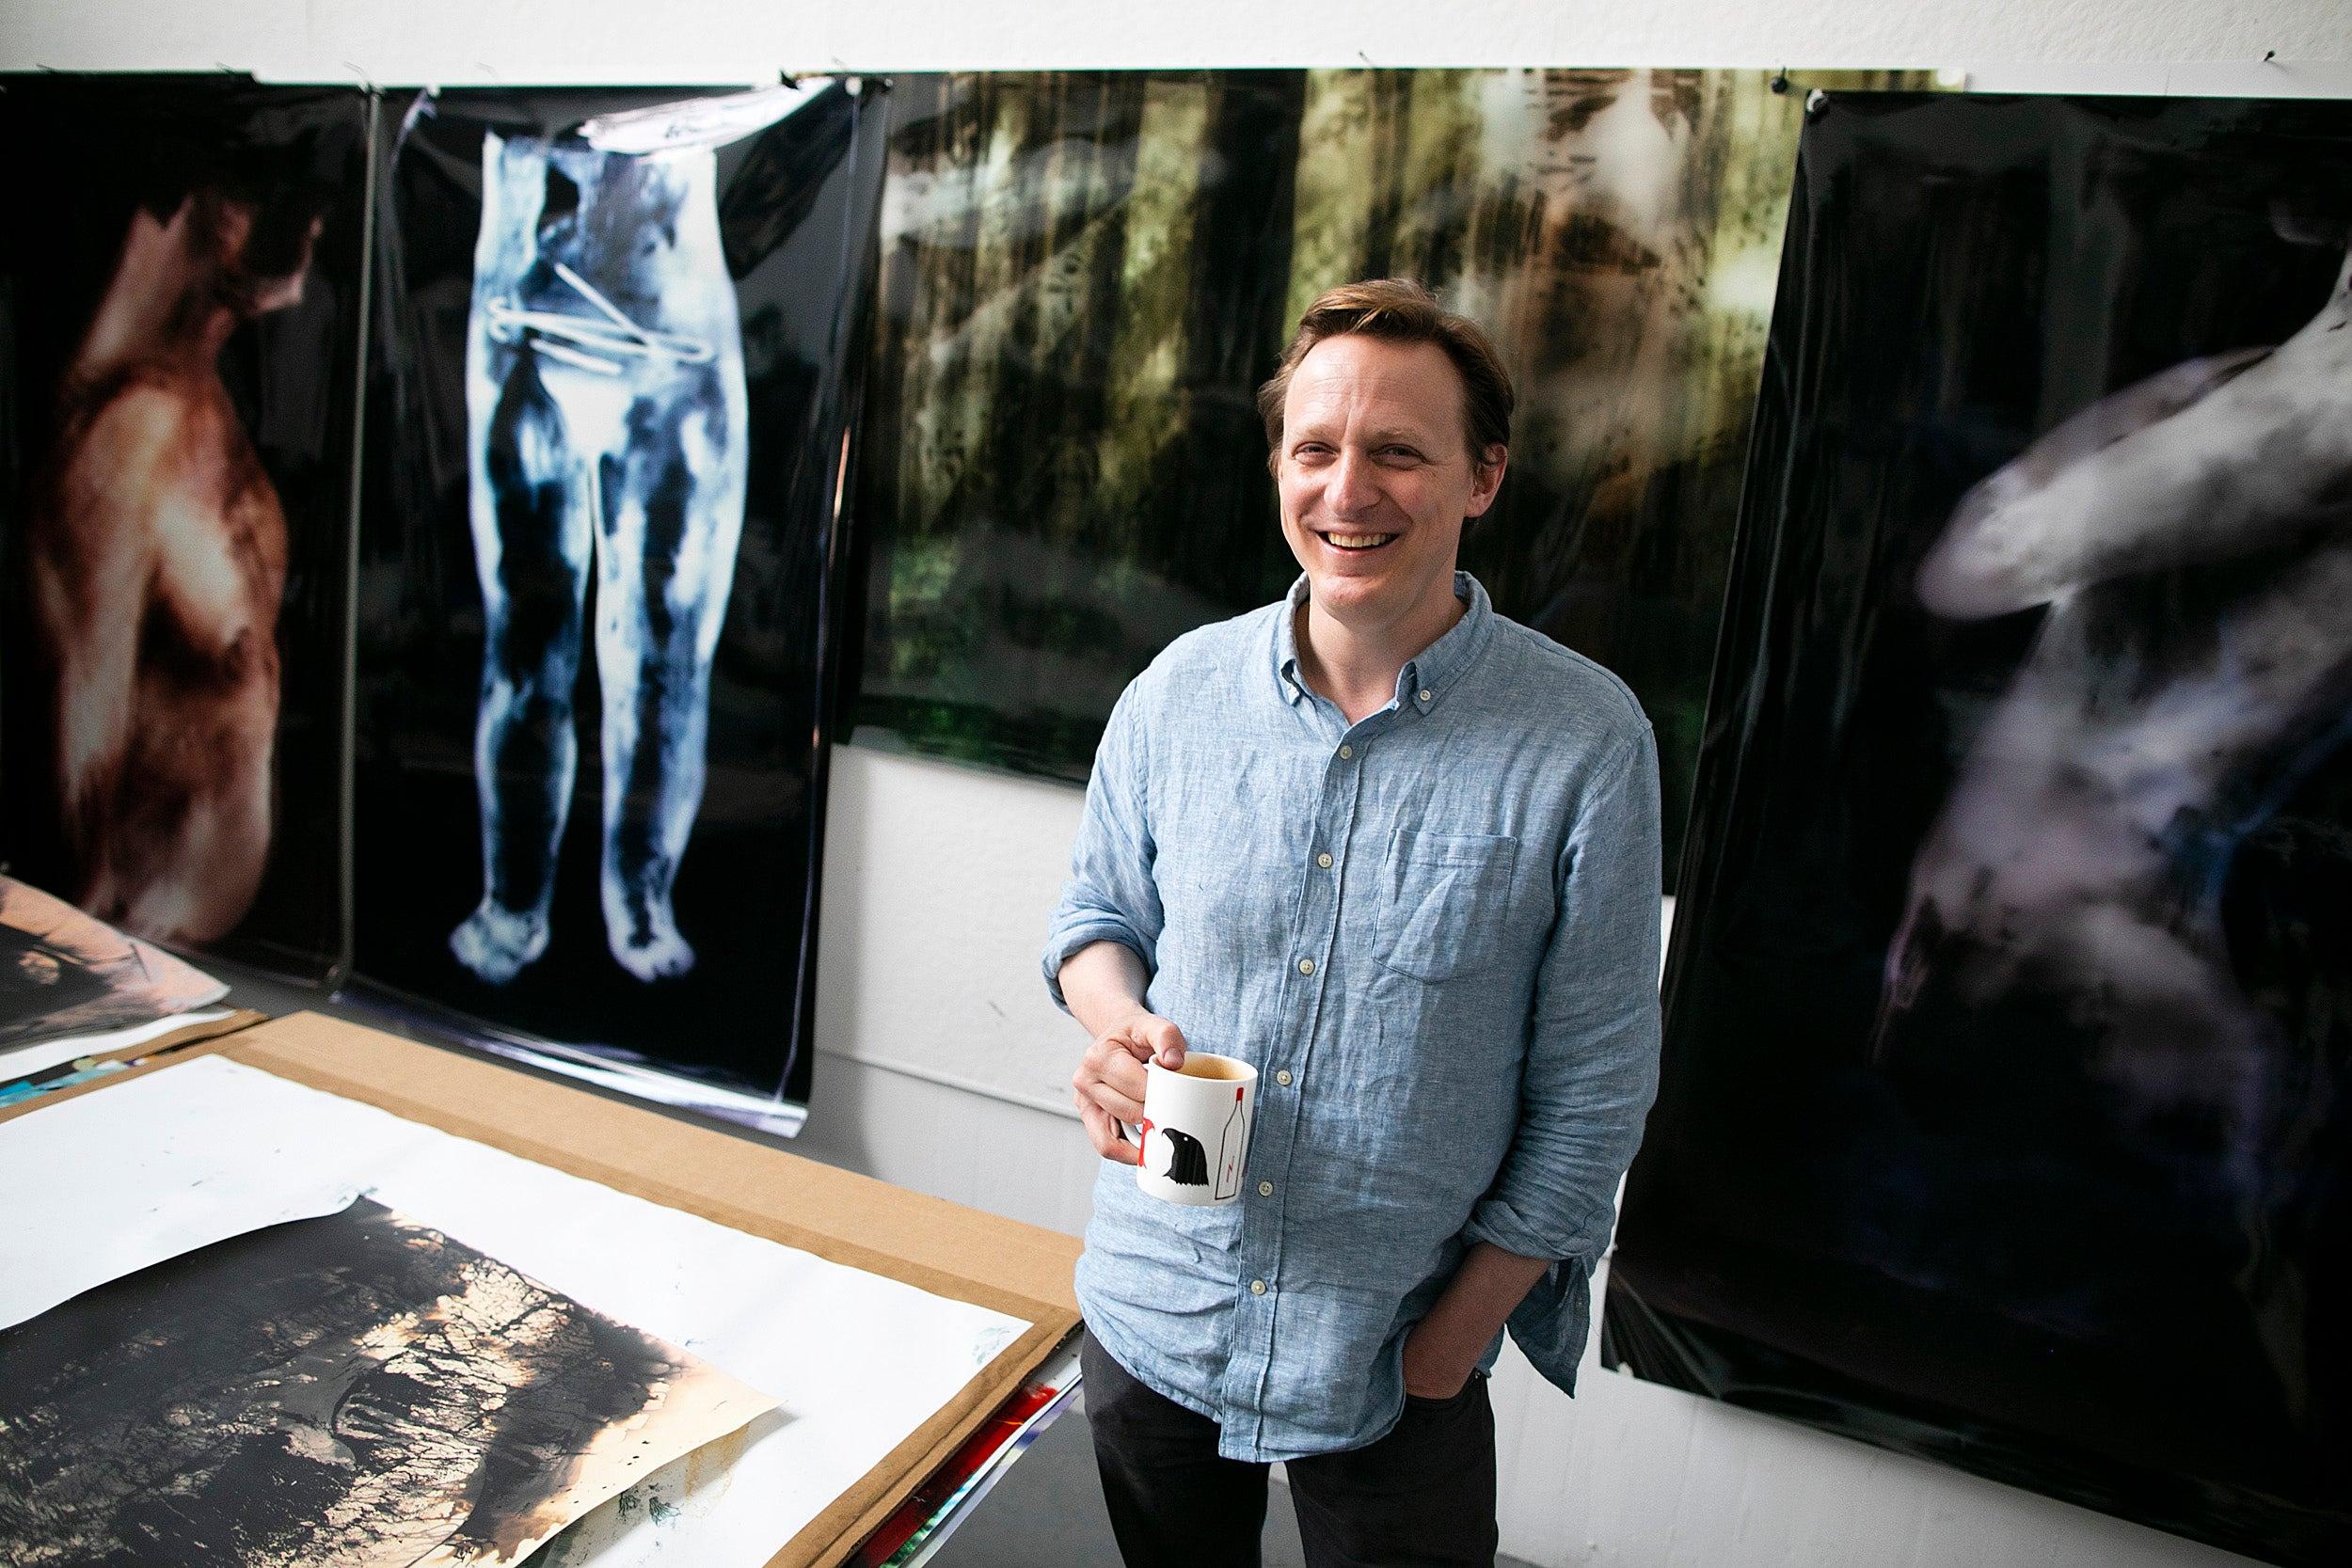 Matt Saunders